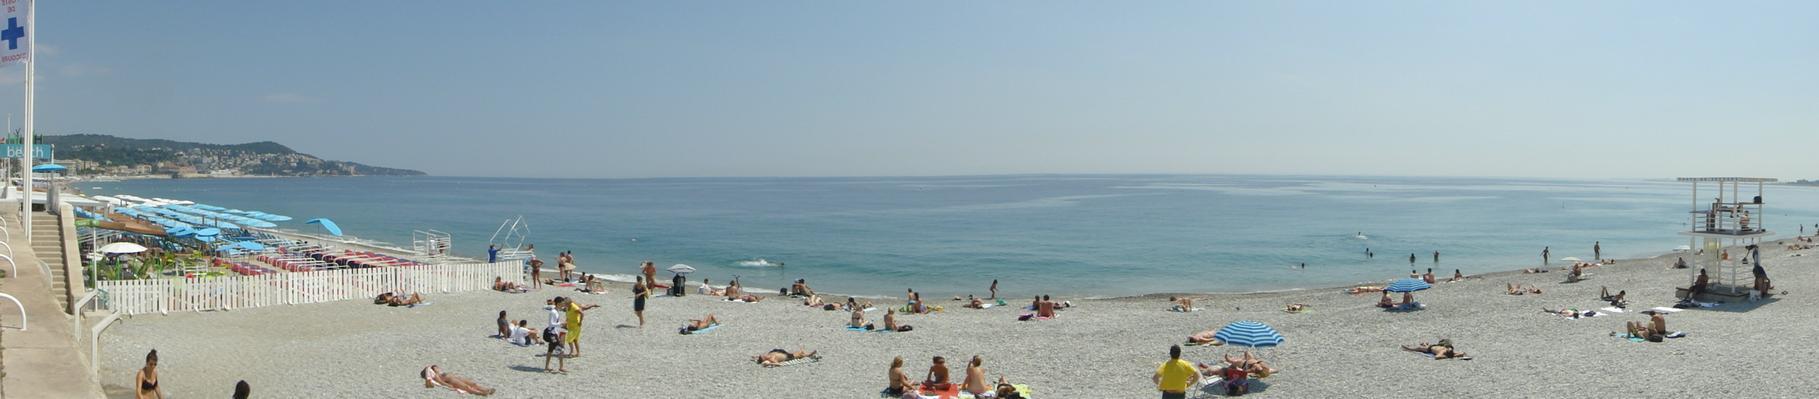 Ferienwohnung Nizza Fricero - in der Nähe von Hi Beach Bleu - 200m zum Strand (642544), Nizza, Côte d'Azur, Provence - Alpen - Côte d'Azur, Frankreich, Bild 8